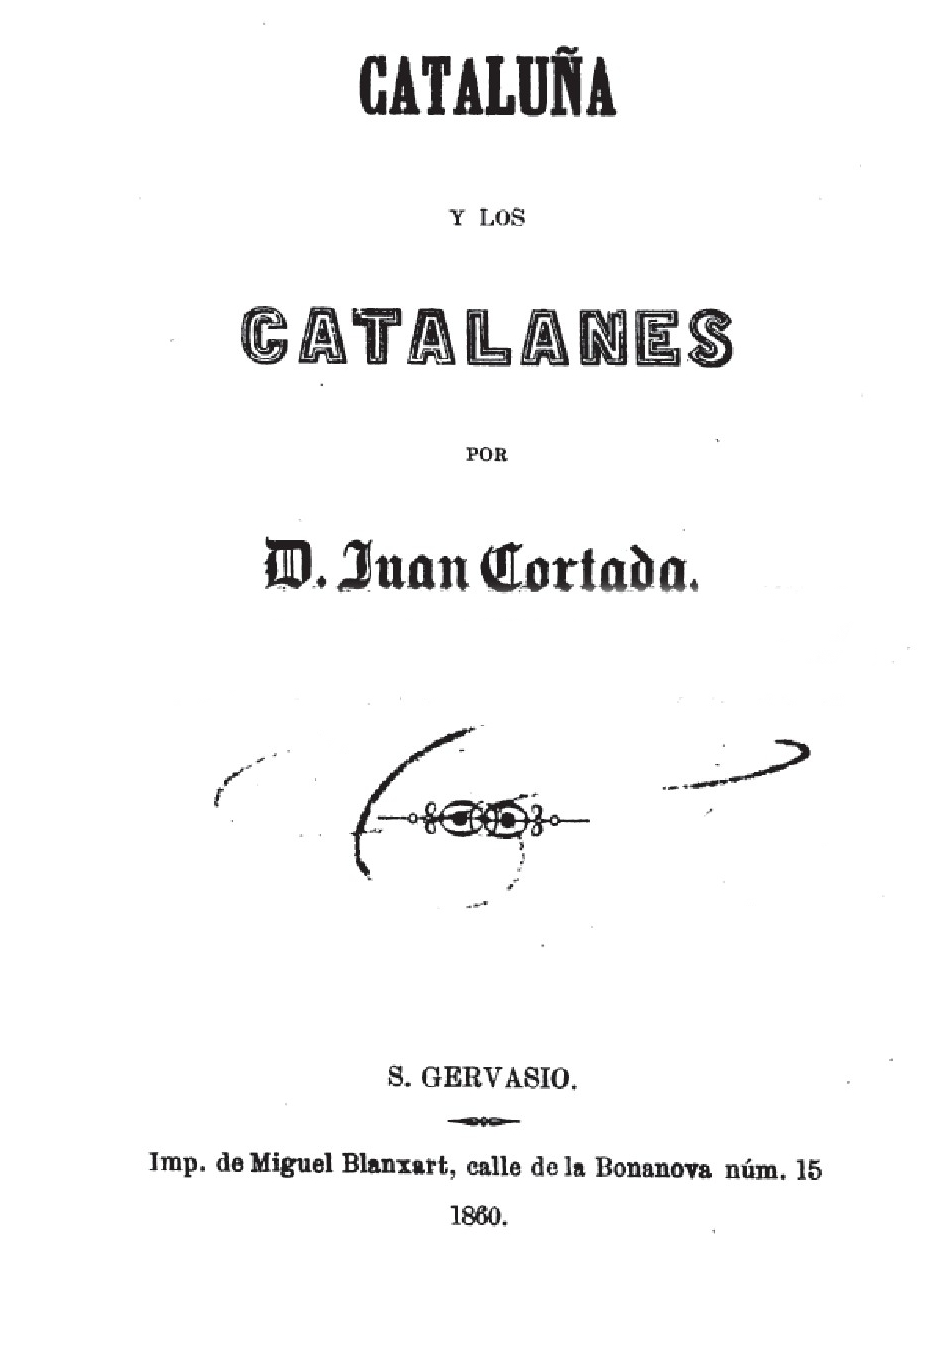 CATALUÑA Y LOS CATALANES POR D.JUAN CORTADA. AÑO 1860-LERIDA